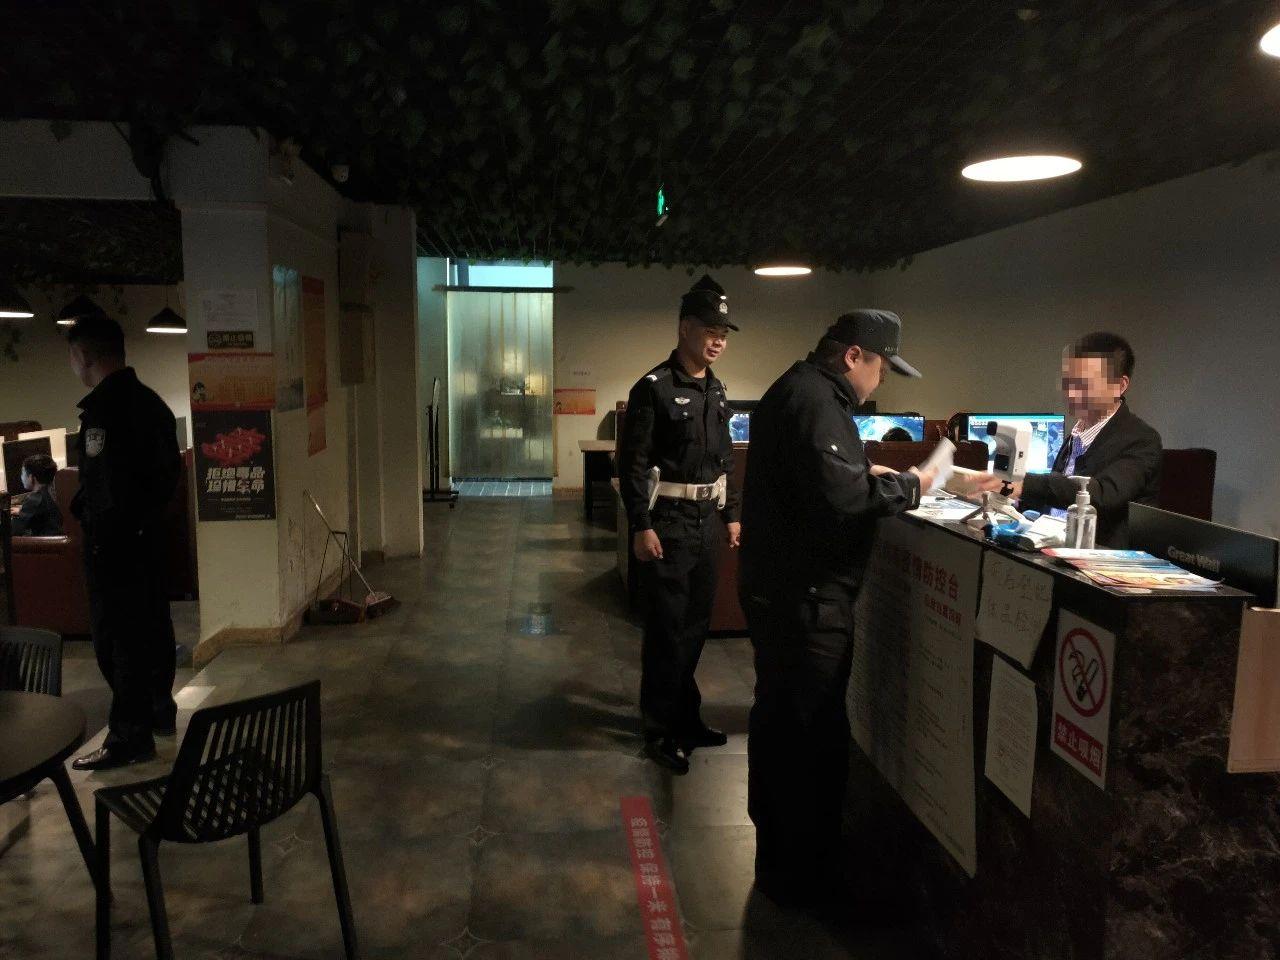 泸县公安局开展清查行动,震慑和打击违法犯罪